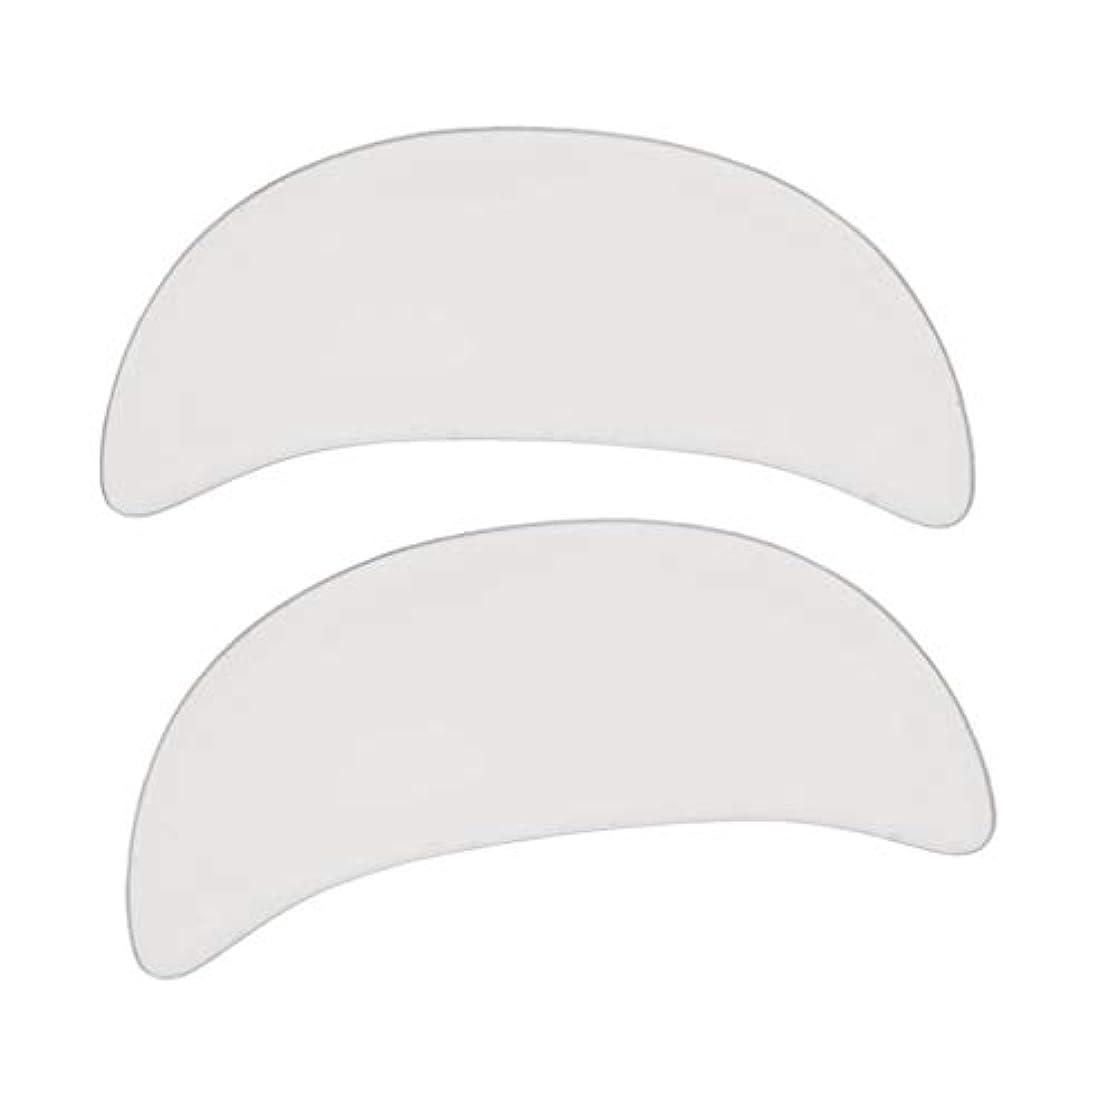 記念剃る疫病dailymall 2 /セットシリコン再利用可能なアンチリンクルアイフェイスパッドスキンケアマスク